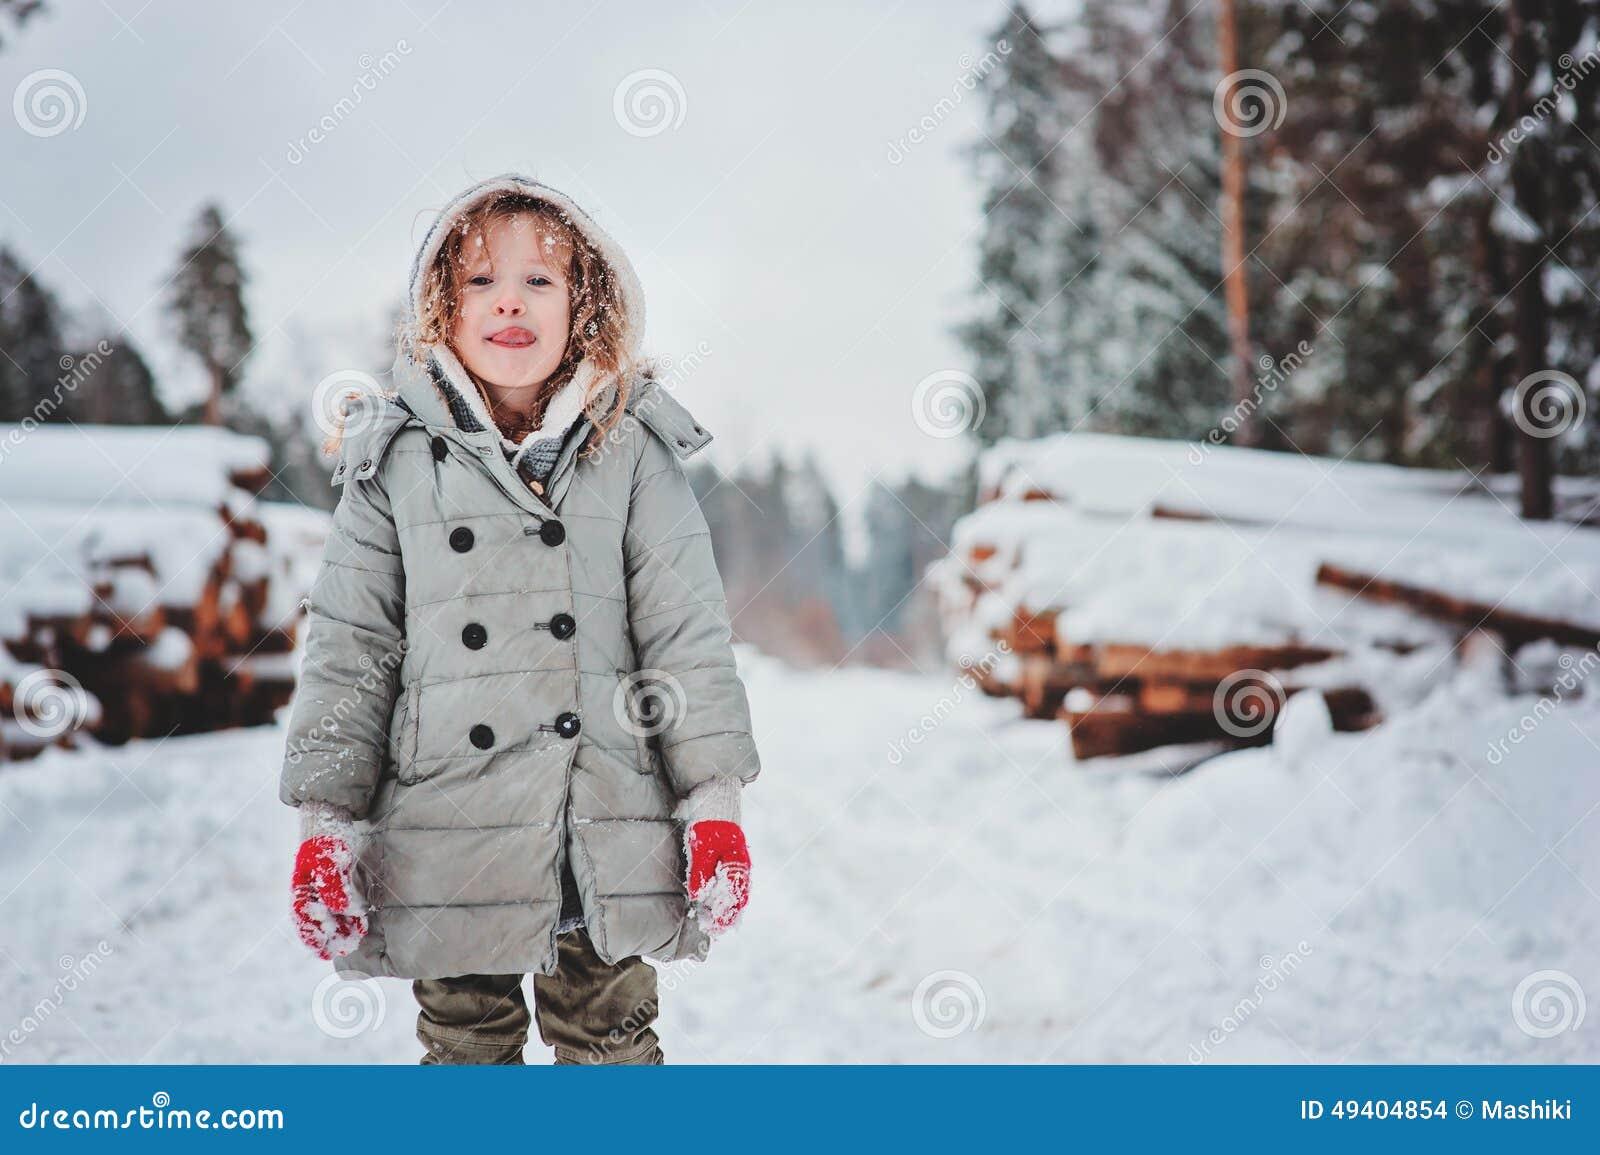 Download Lustiges Glückliches Kindermädchenporträt Auf Dem Weg Im Schneebedeckten Wald Des Winters Mit Baumholzschlag Auf Hintergrund Stockfoto - Bild von handschuhe, zicklein: 49404854